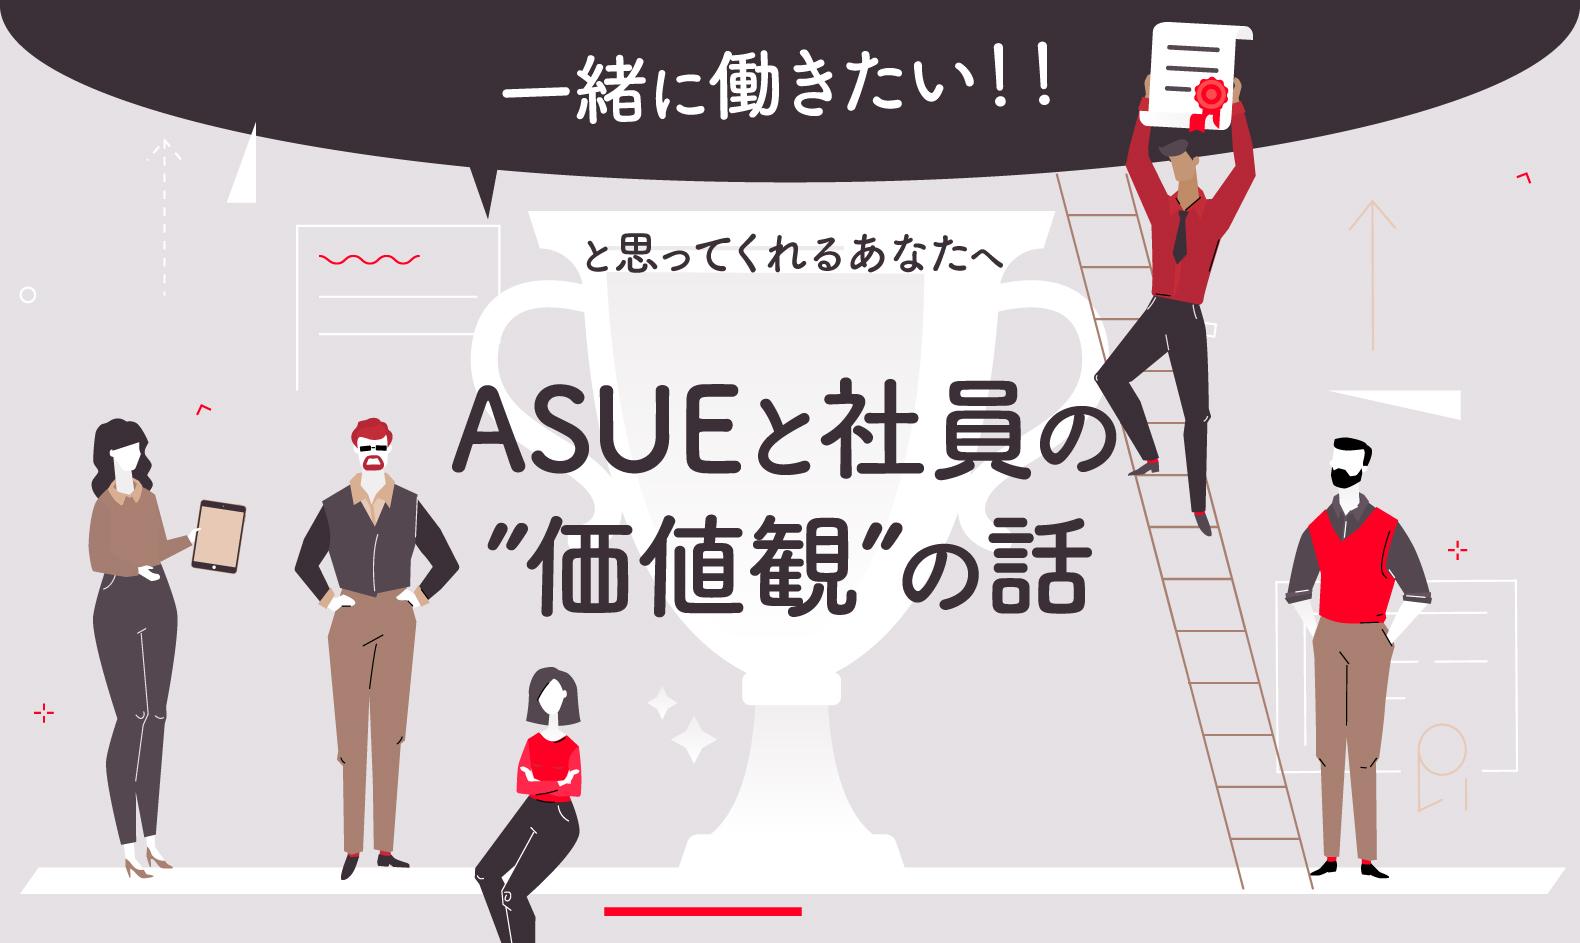 """ASUEと社員の""""価値観""""の話――「一緒に働きたい」と思ってくれるあなたへ"""